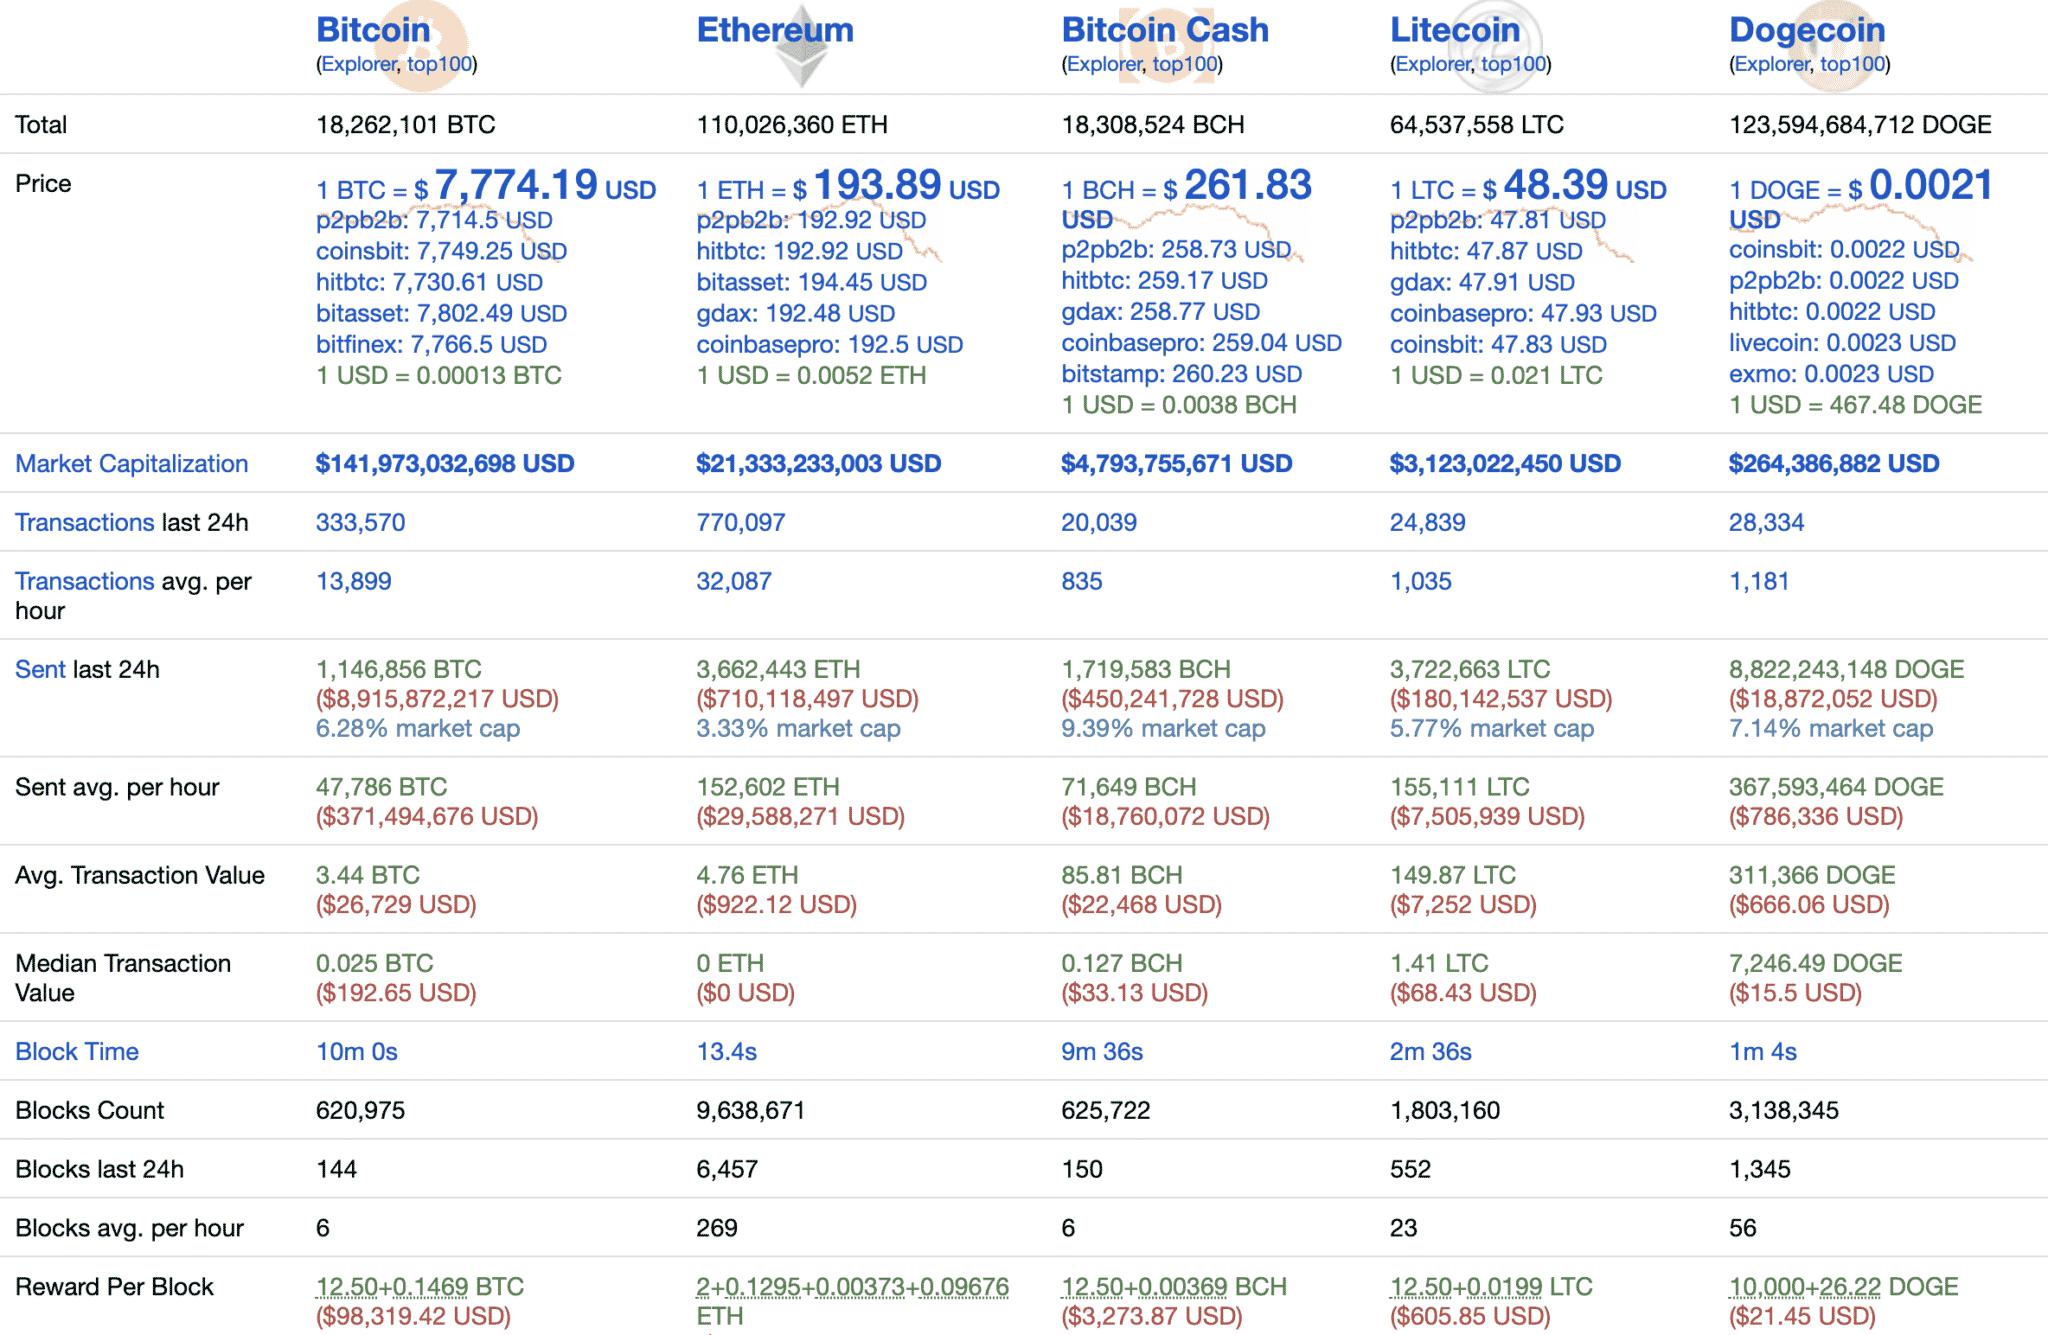 Bitcoin Crypto stats, March 2020